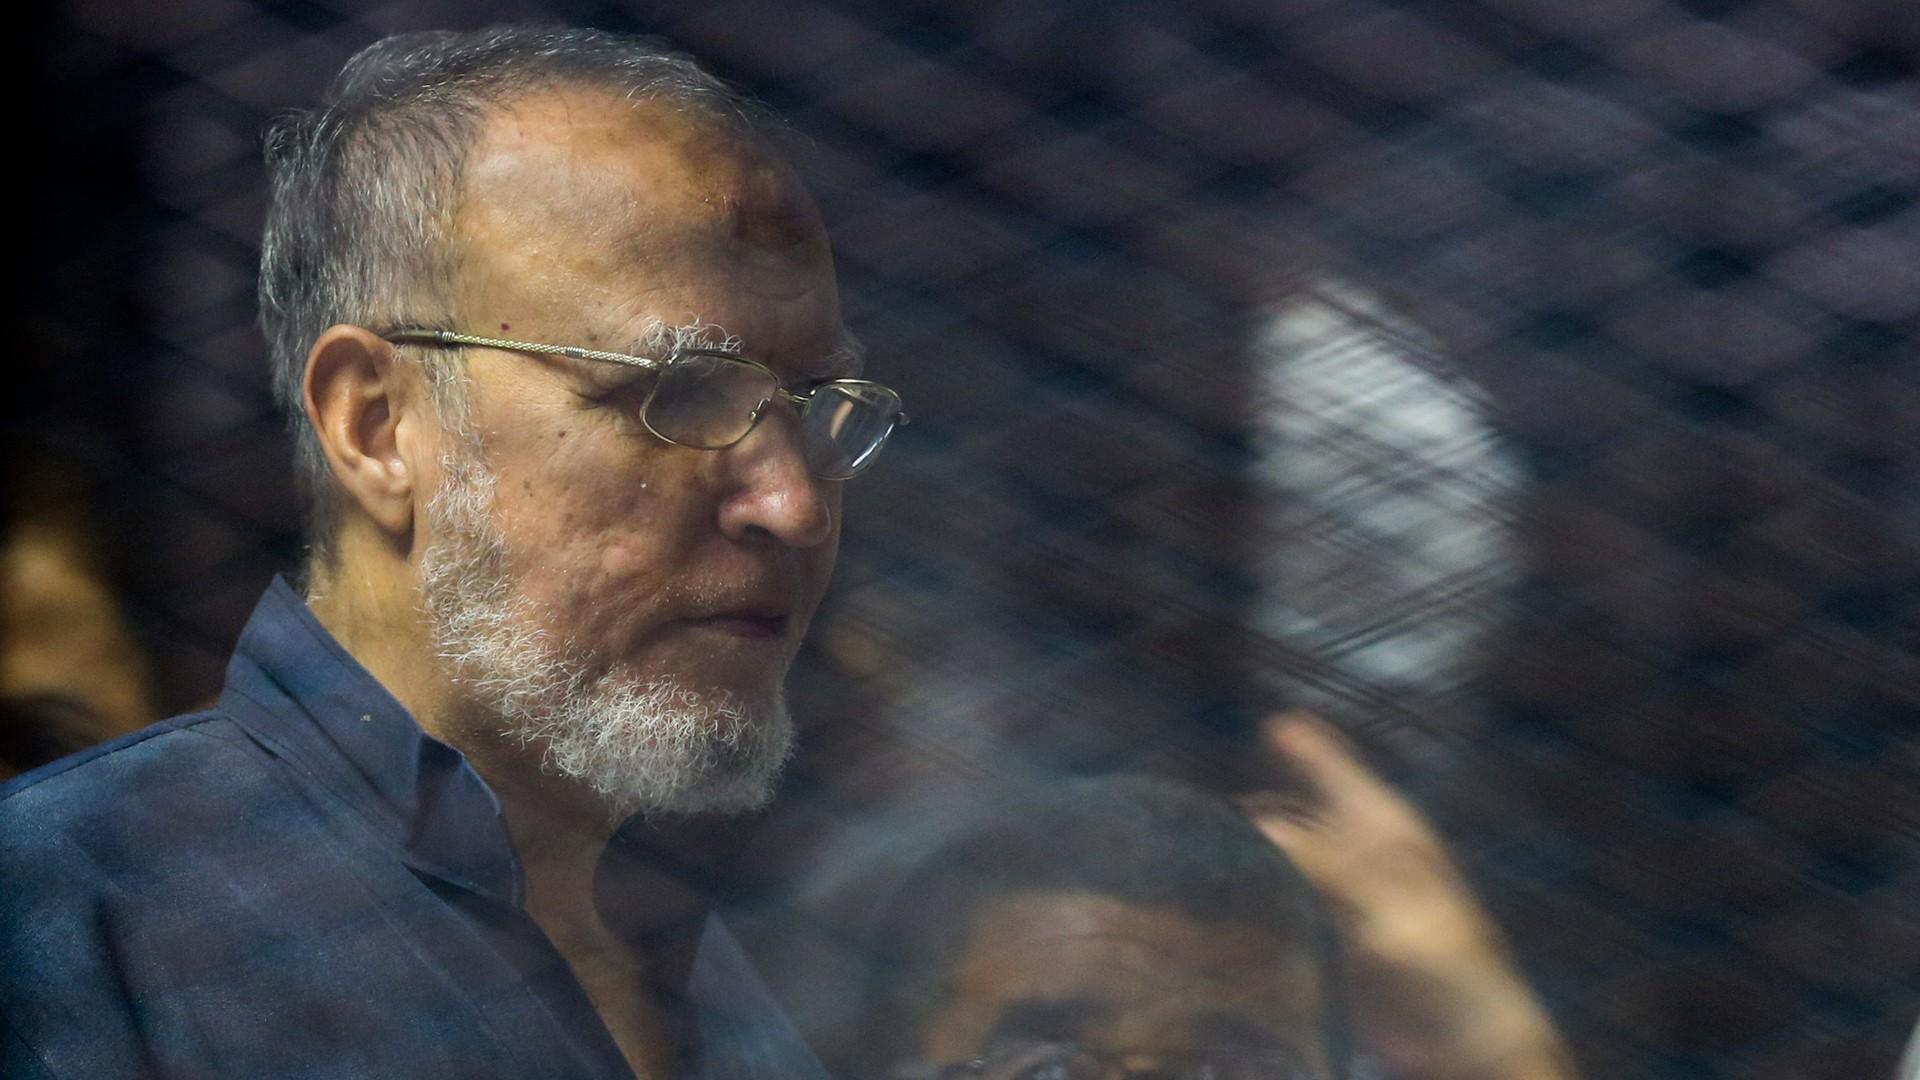 العفو الدولية تطالب بالتحقيق في وفاة القيادي الإخواني عصام العريان داخل السجن